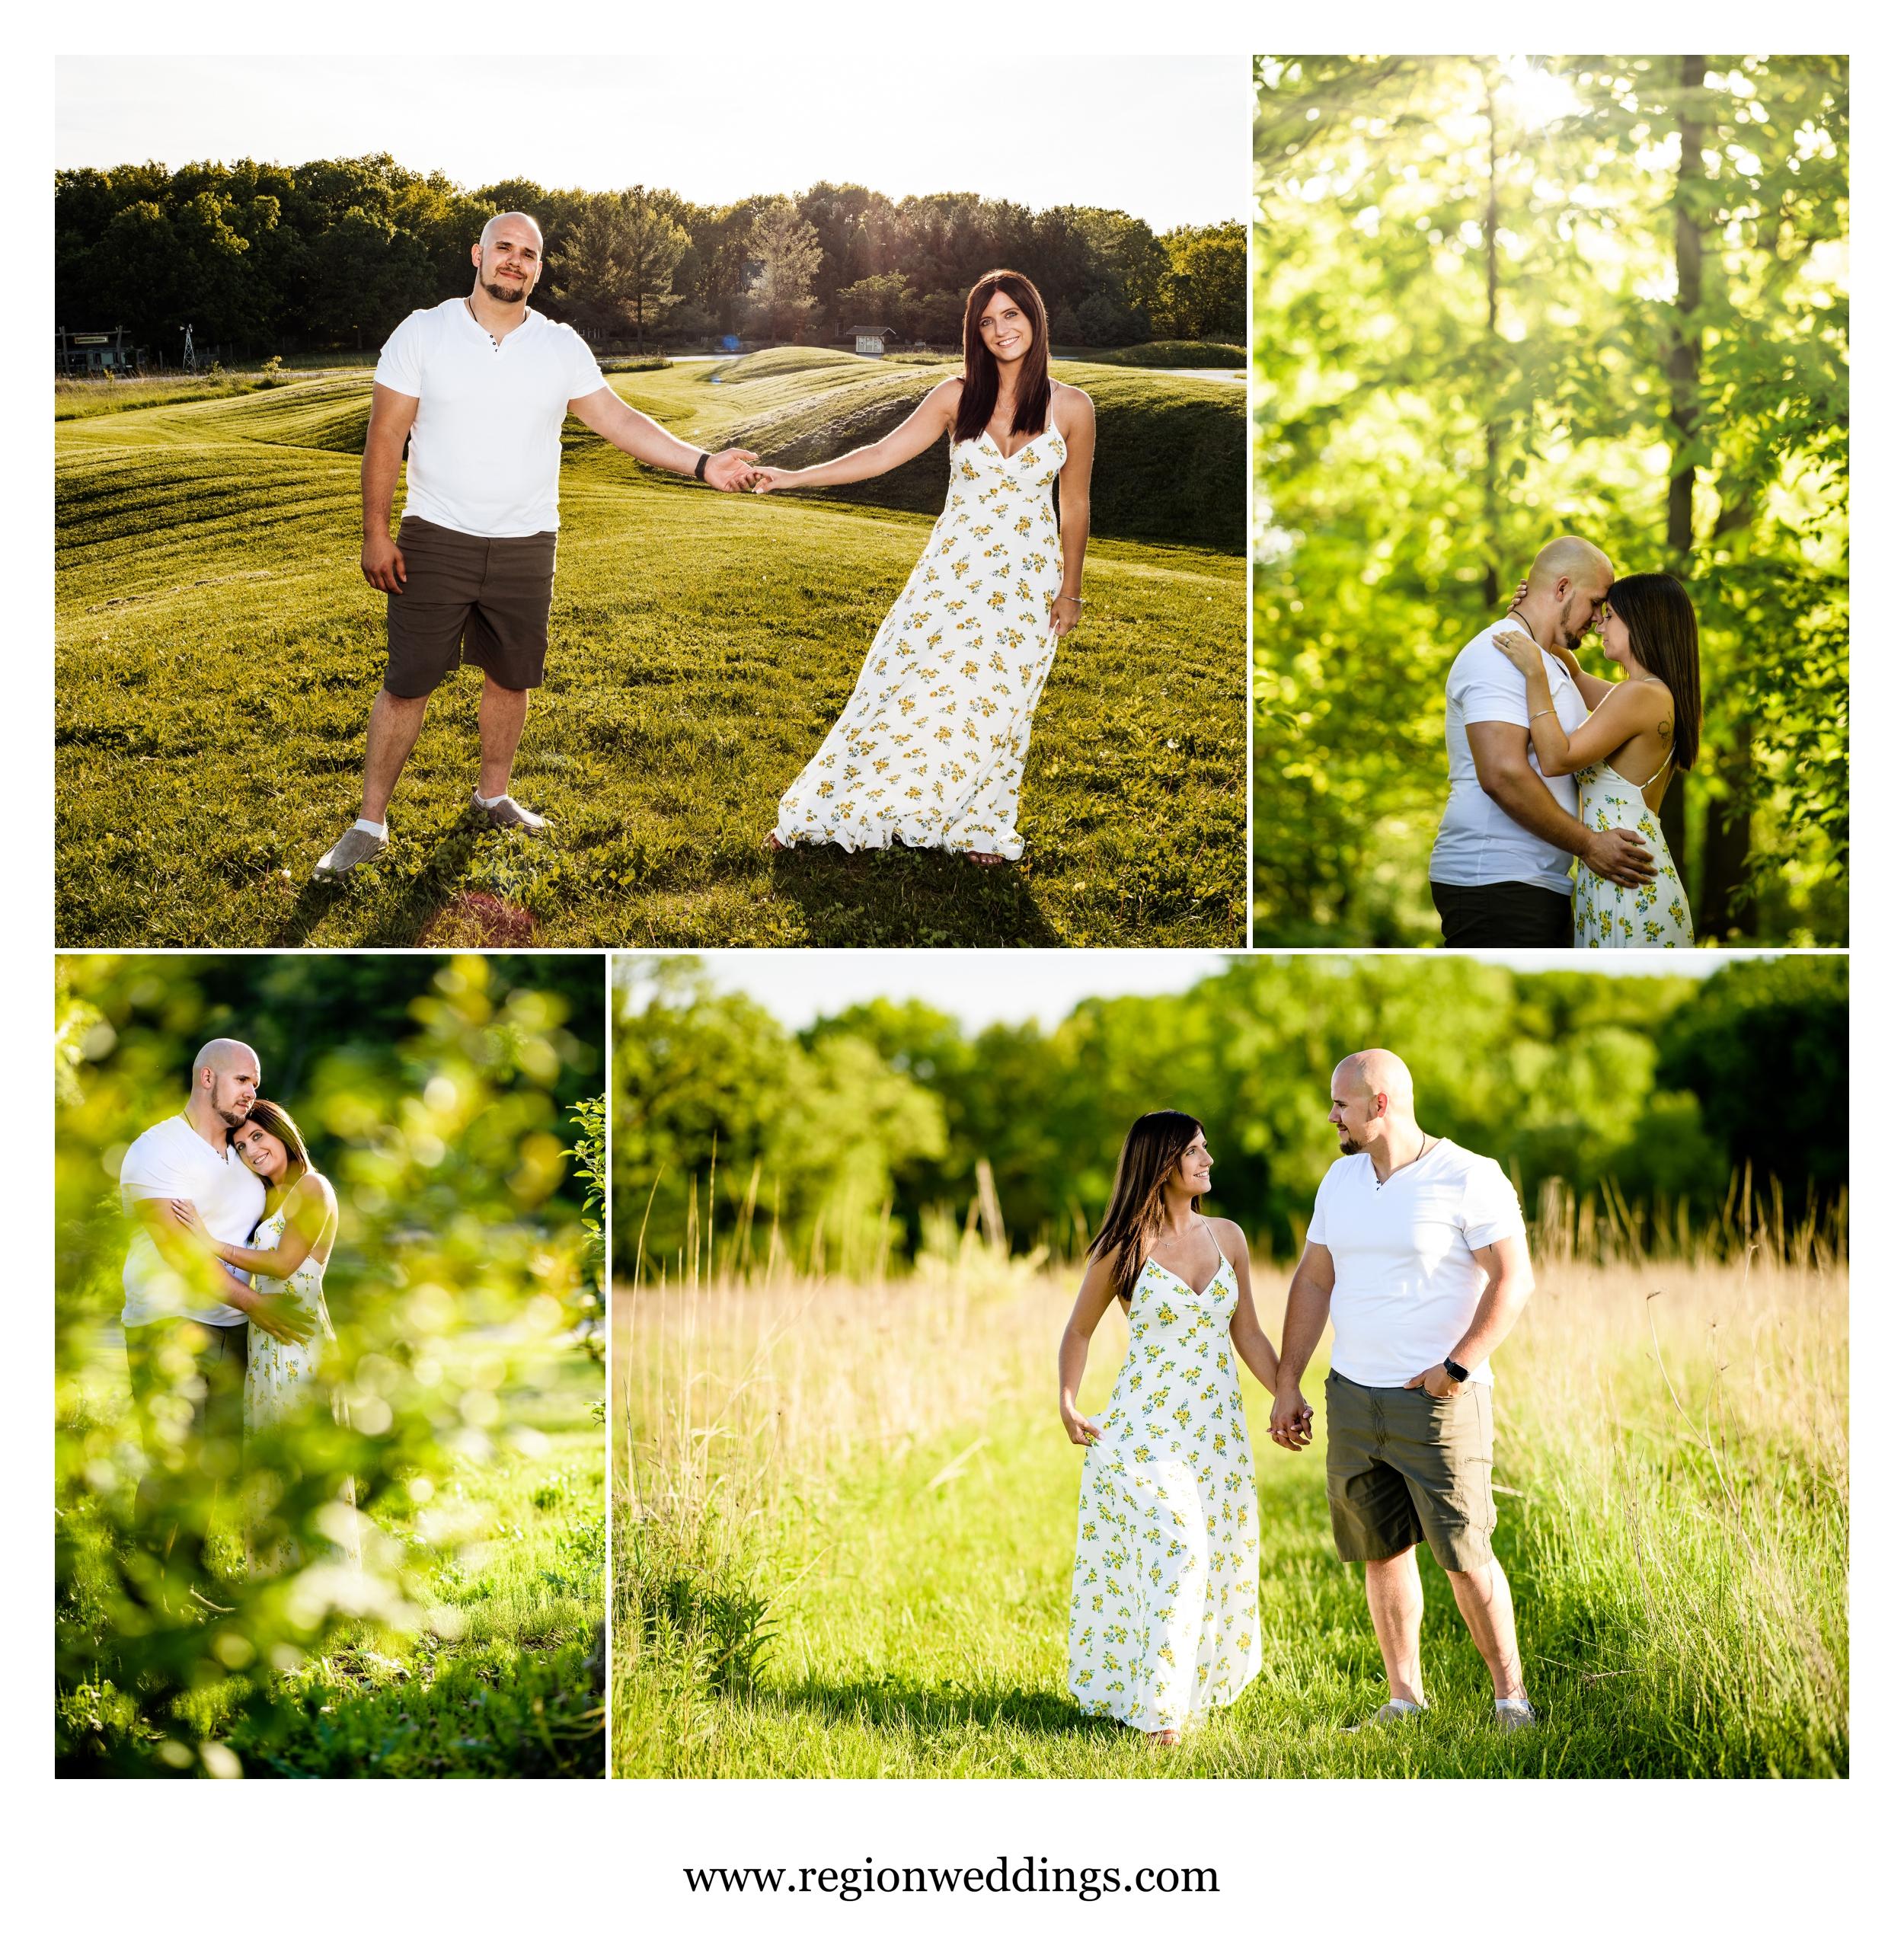 Romantic engagement photos at Gabis Arboretum.